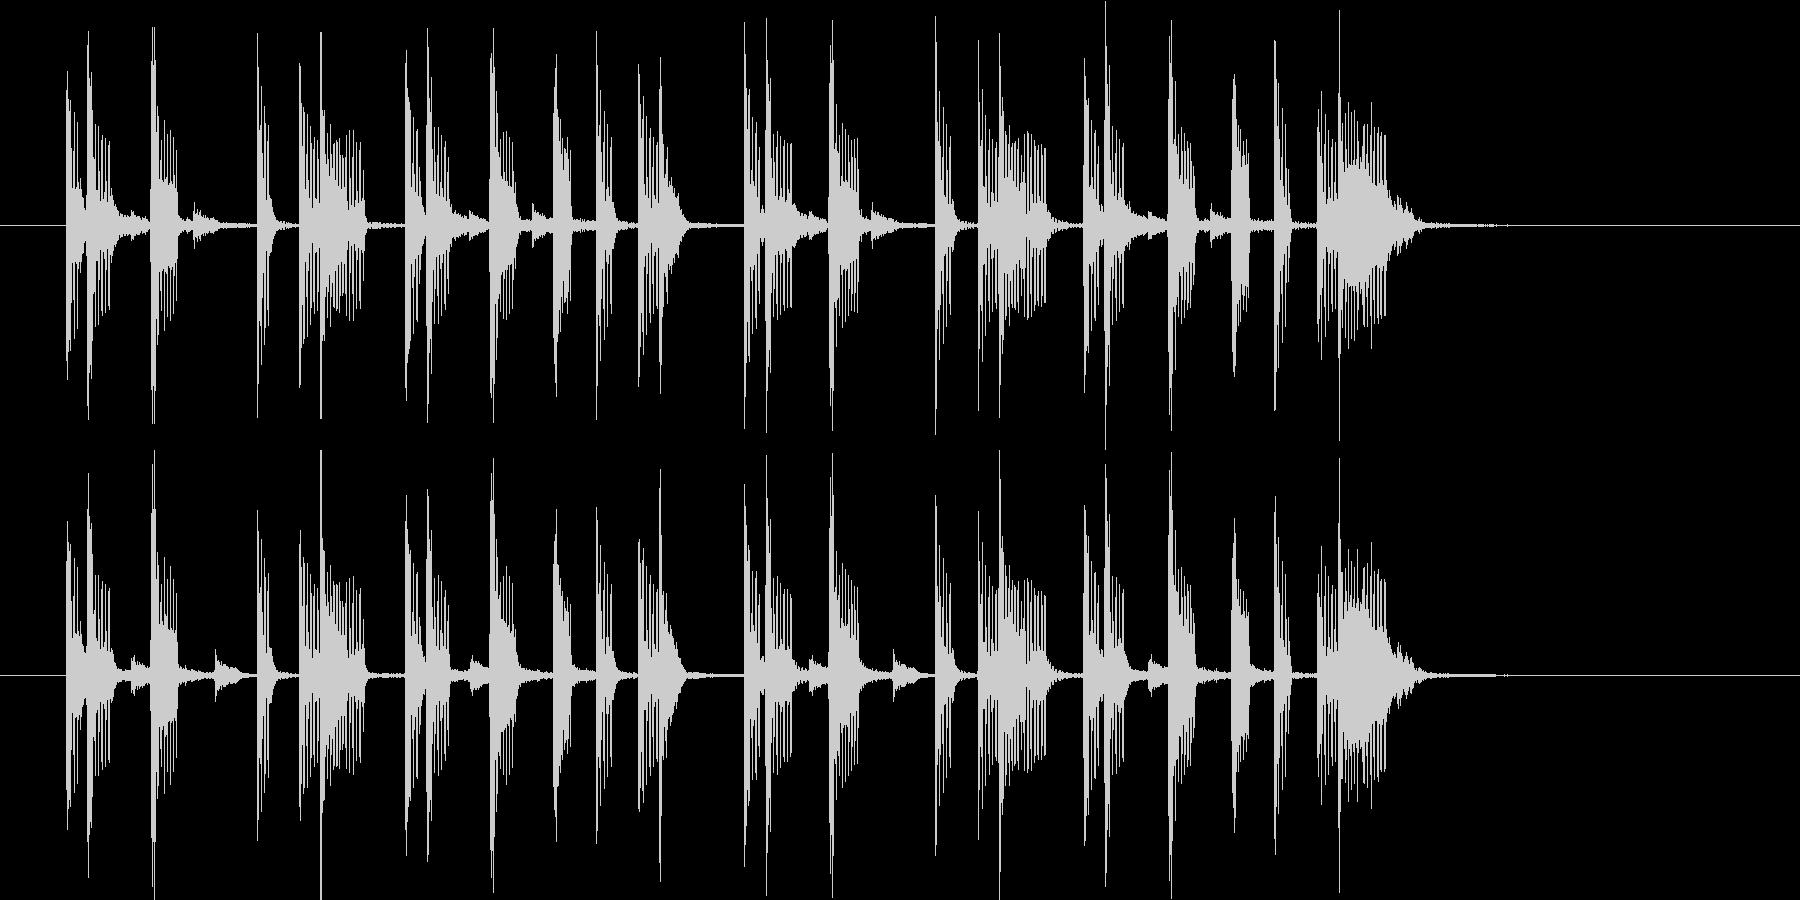 オシャレなR&Bポップスの未再生の波形